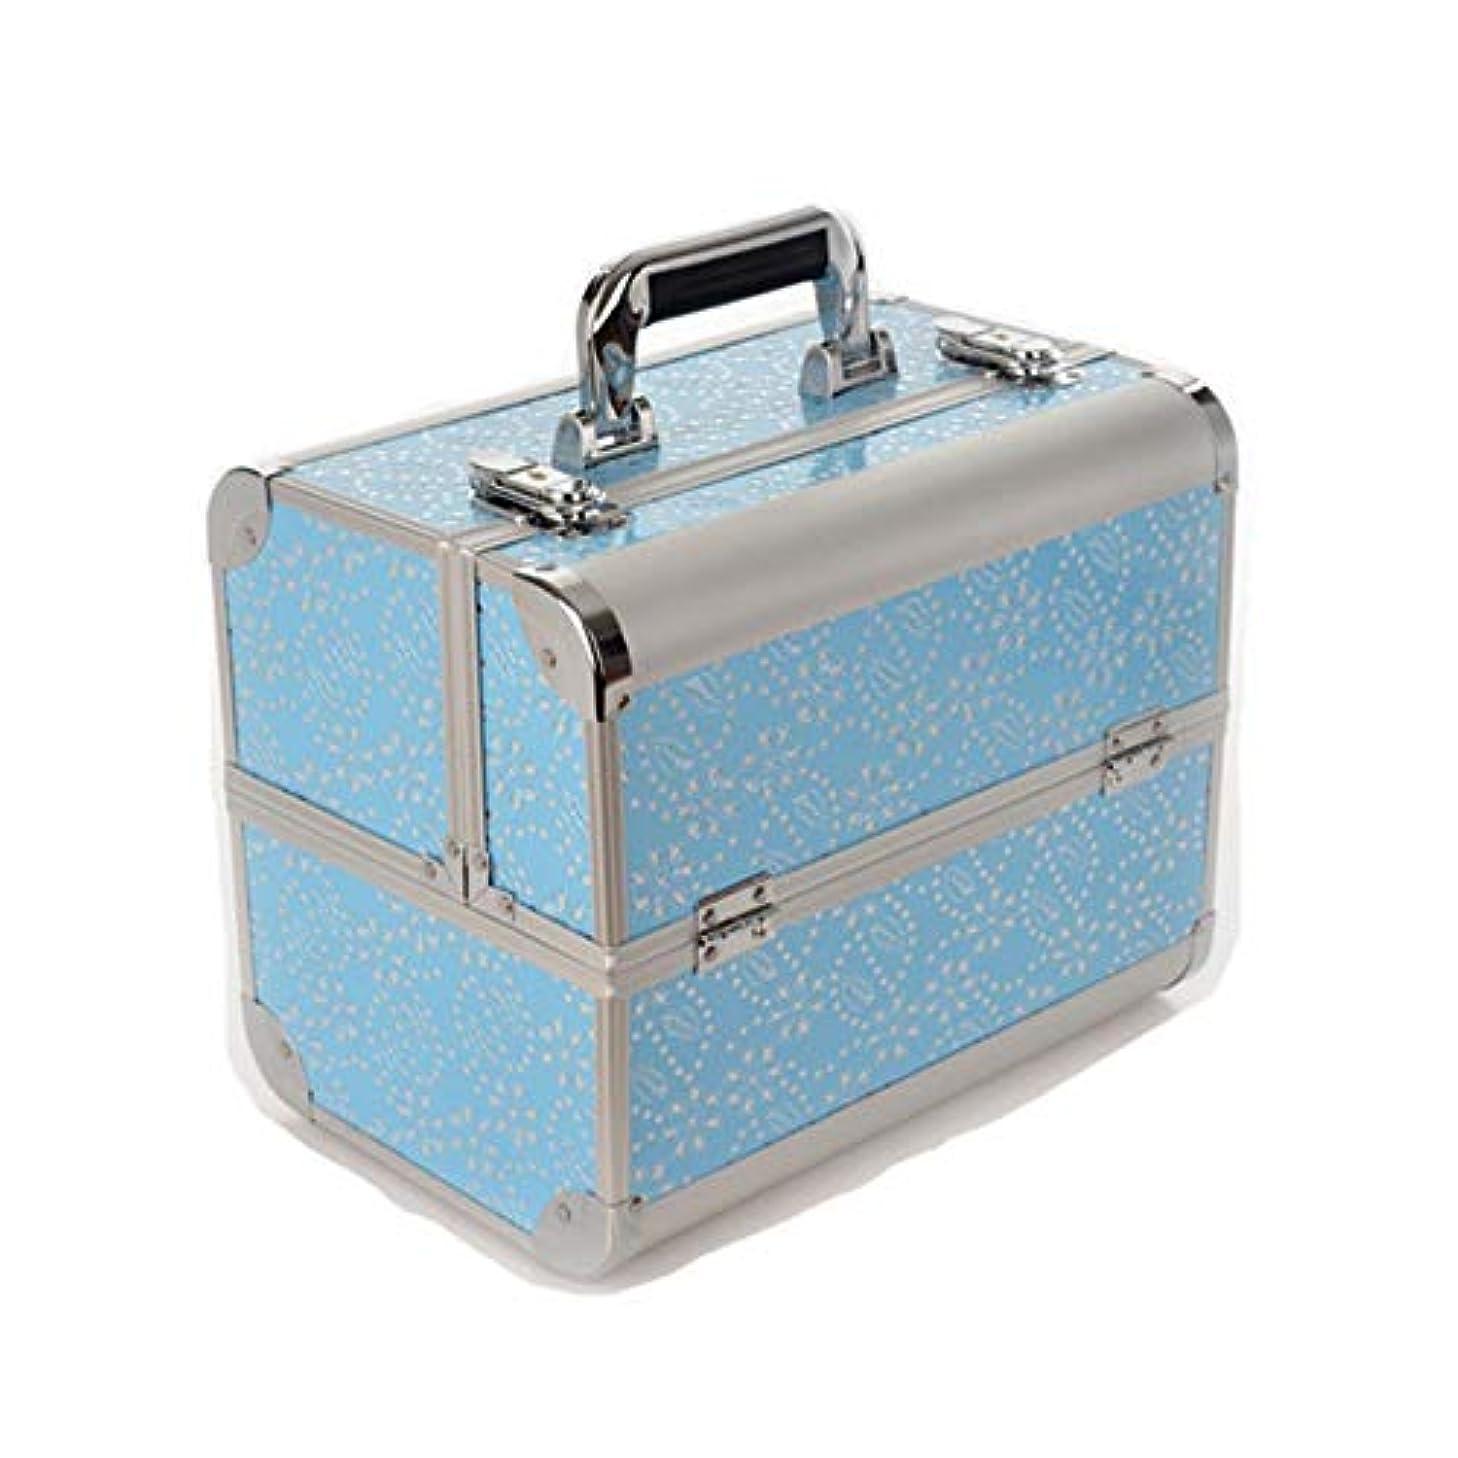 摂動ドナー動物特大スペース収納ビューティーボックス 美の構造のためそしてジッパーおよび折る皿が付いている女の子の女性旅行そして毎日の貯蔵のための高容量の携帯用化粧品袋 化粧品化粧台 (色 : 青)